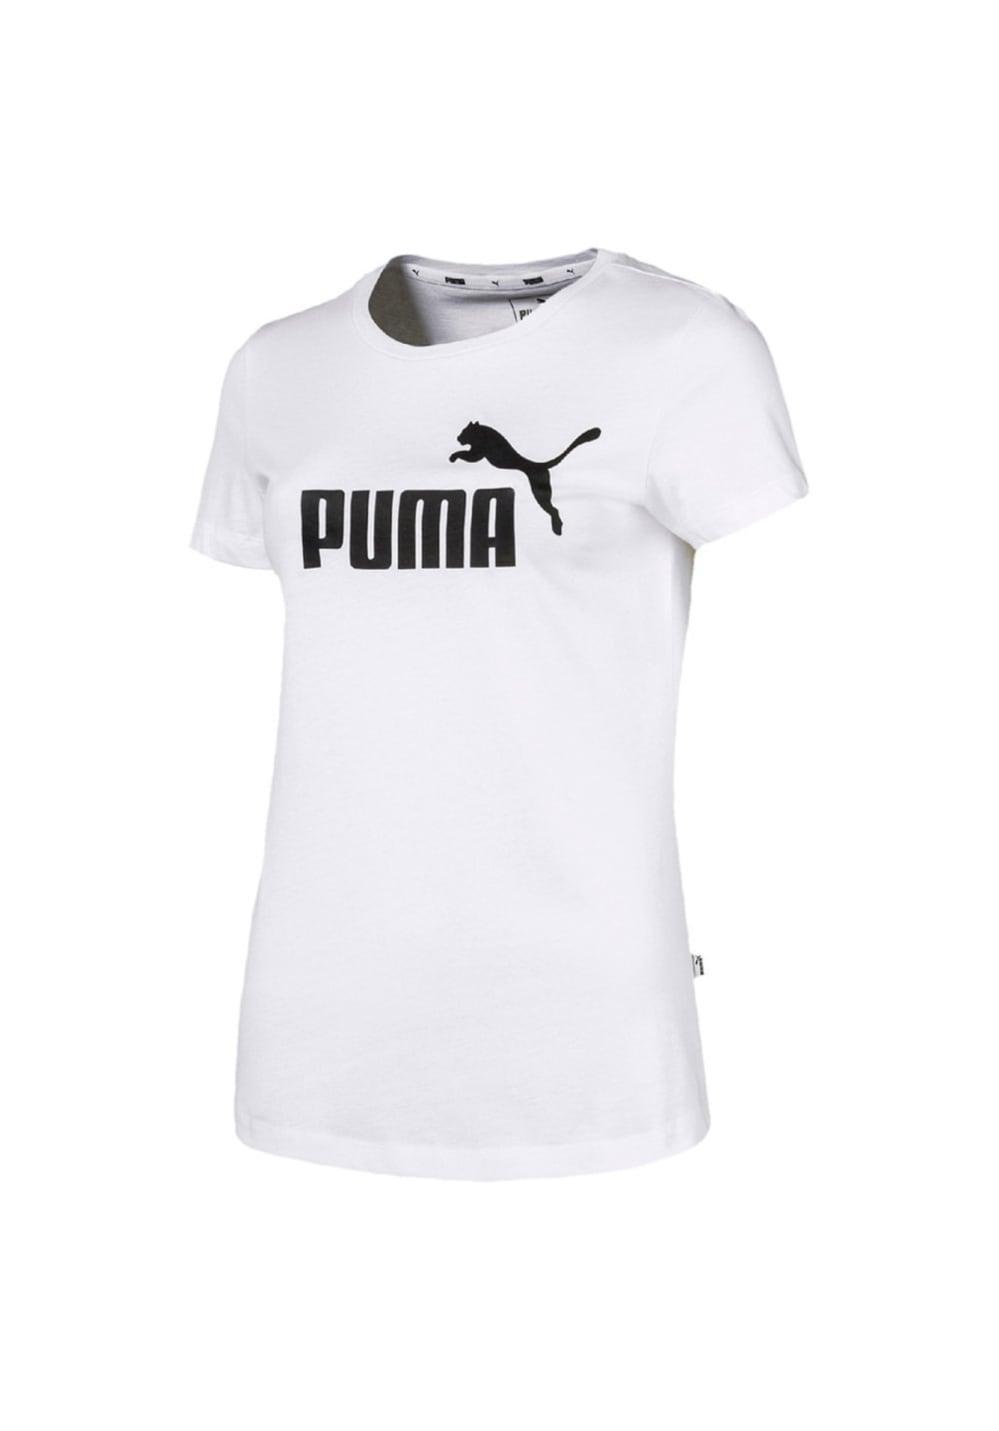 Puma Essential Logo Tee - Laufshirts für Damen - Weiß, Gr. XL